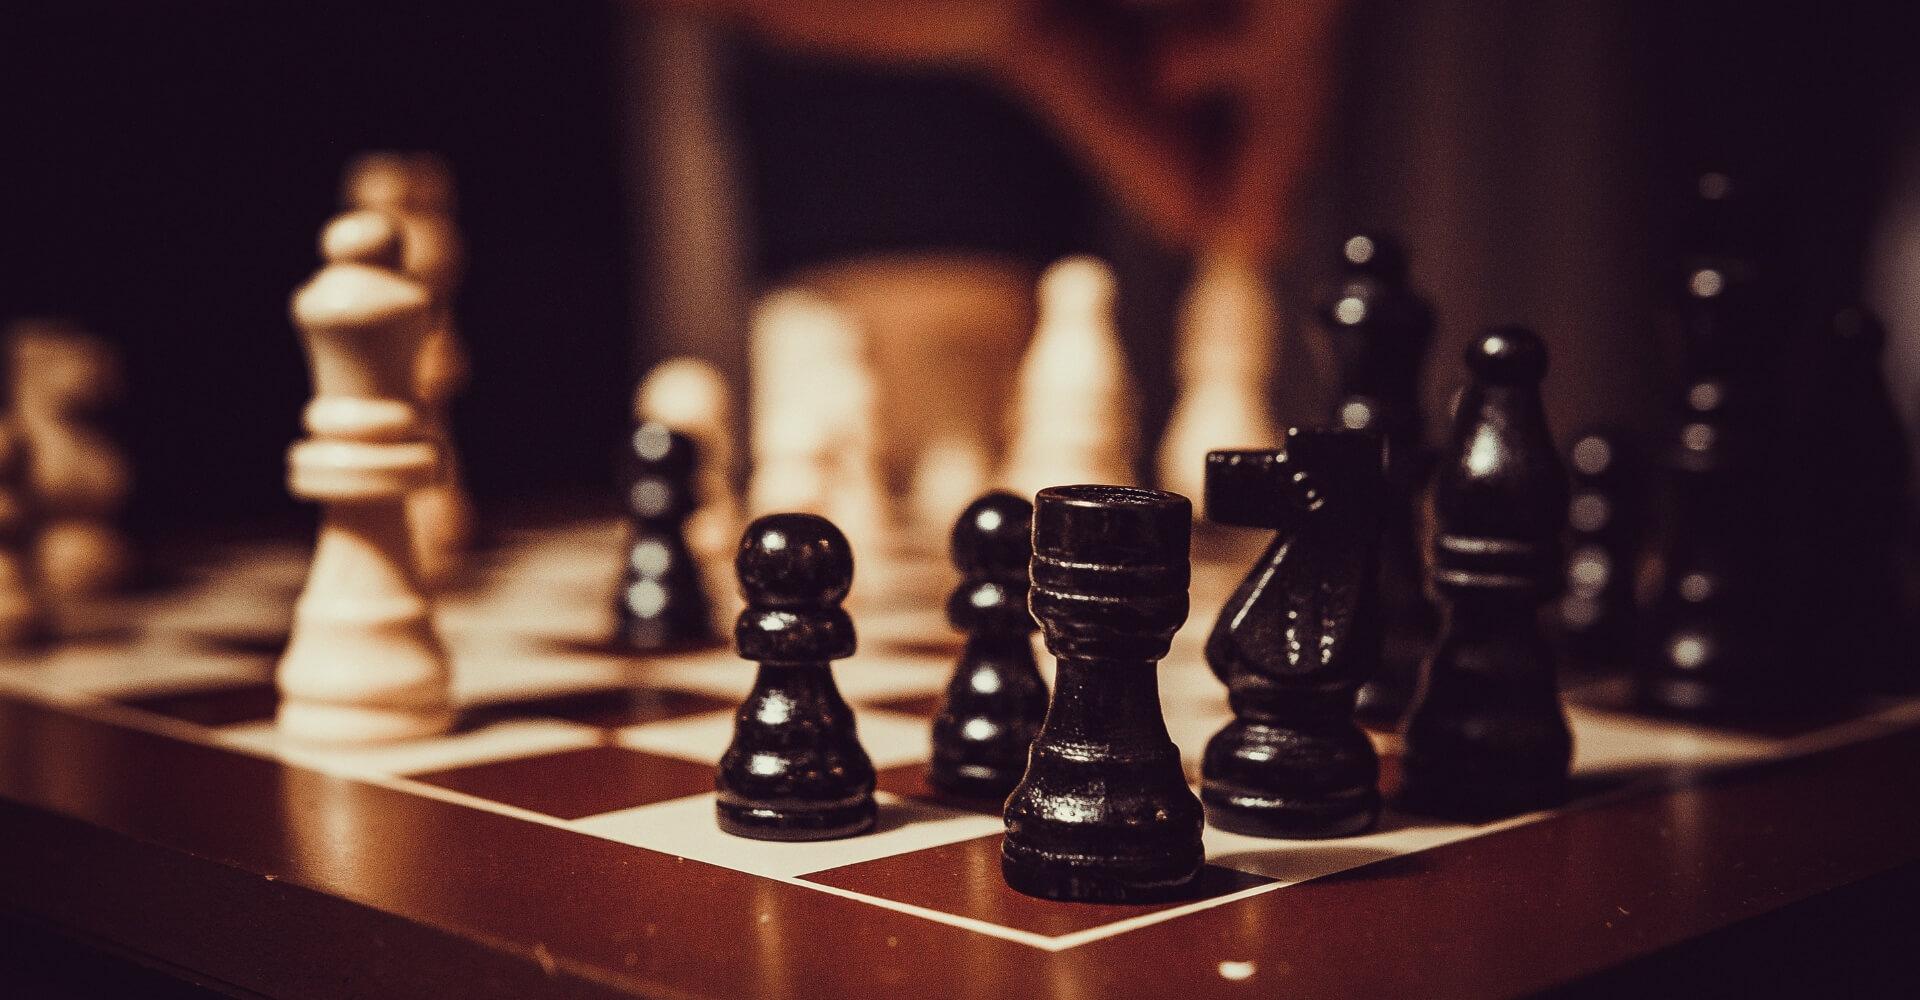 szachy są sportem